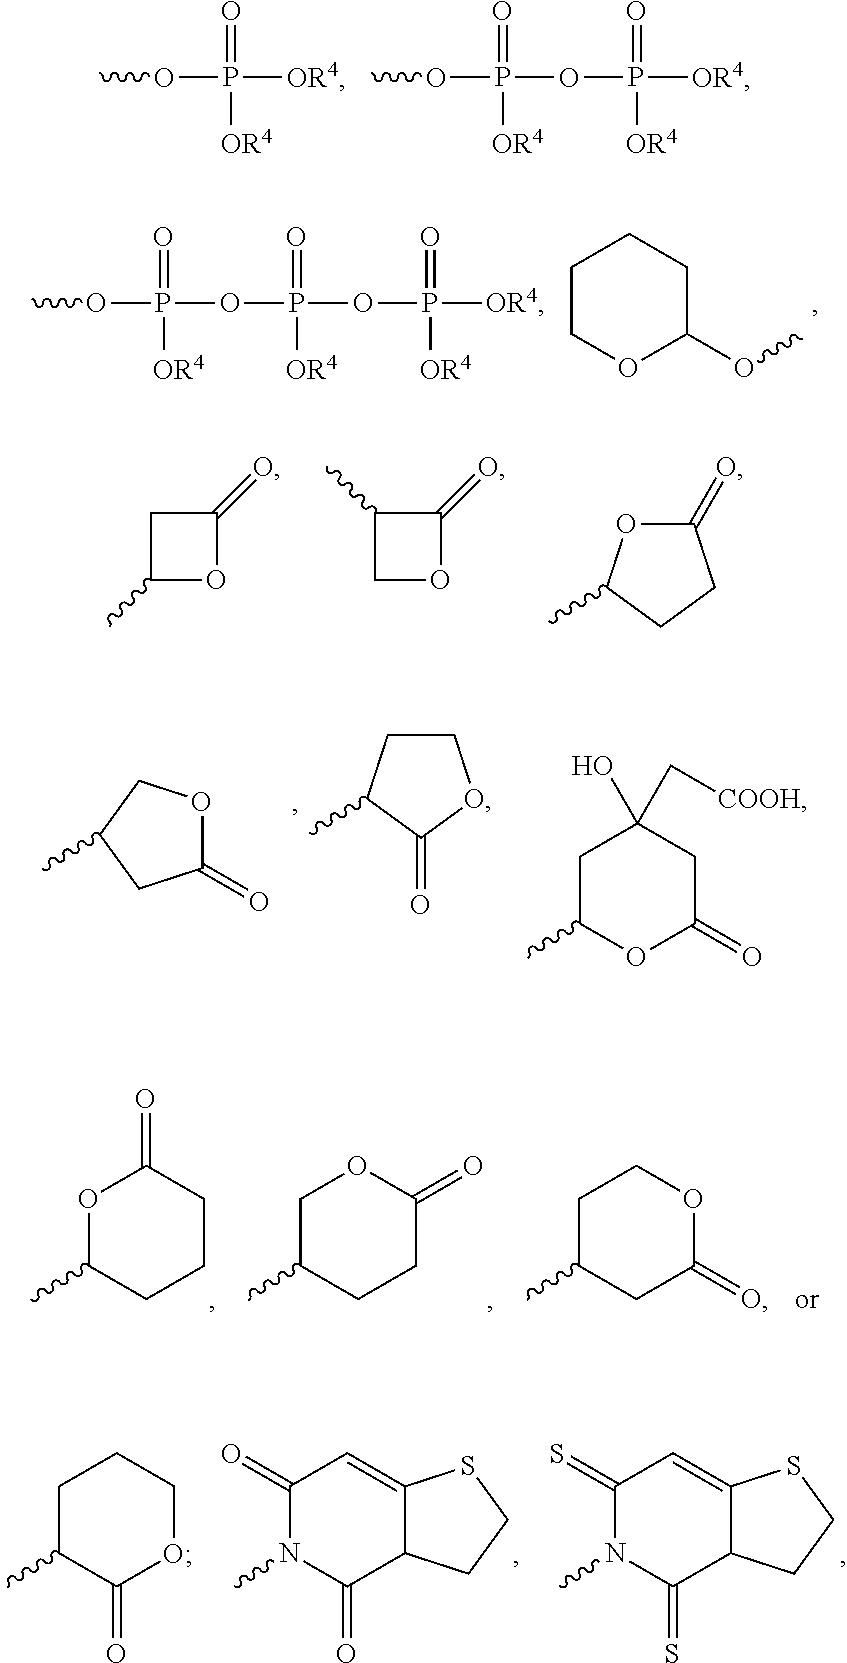 Figure US09662307-20170530-C00008